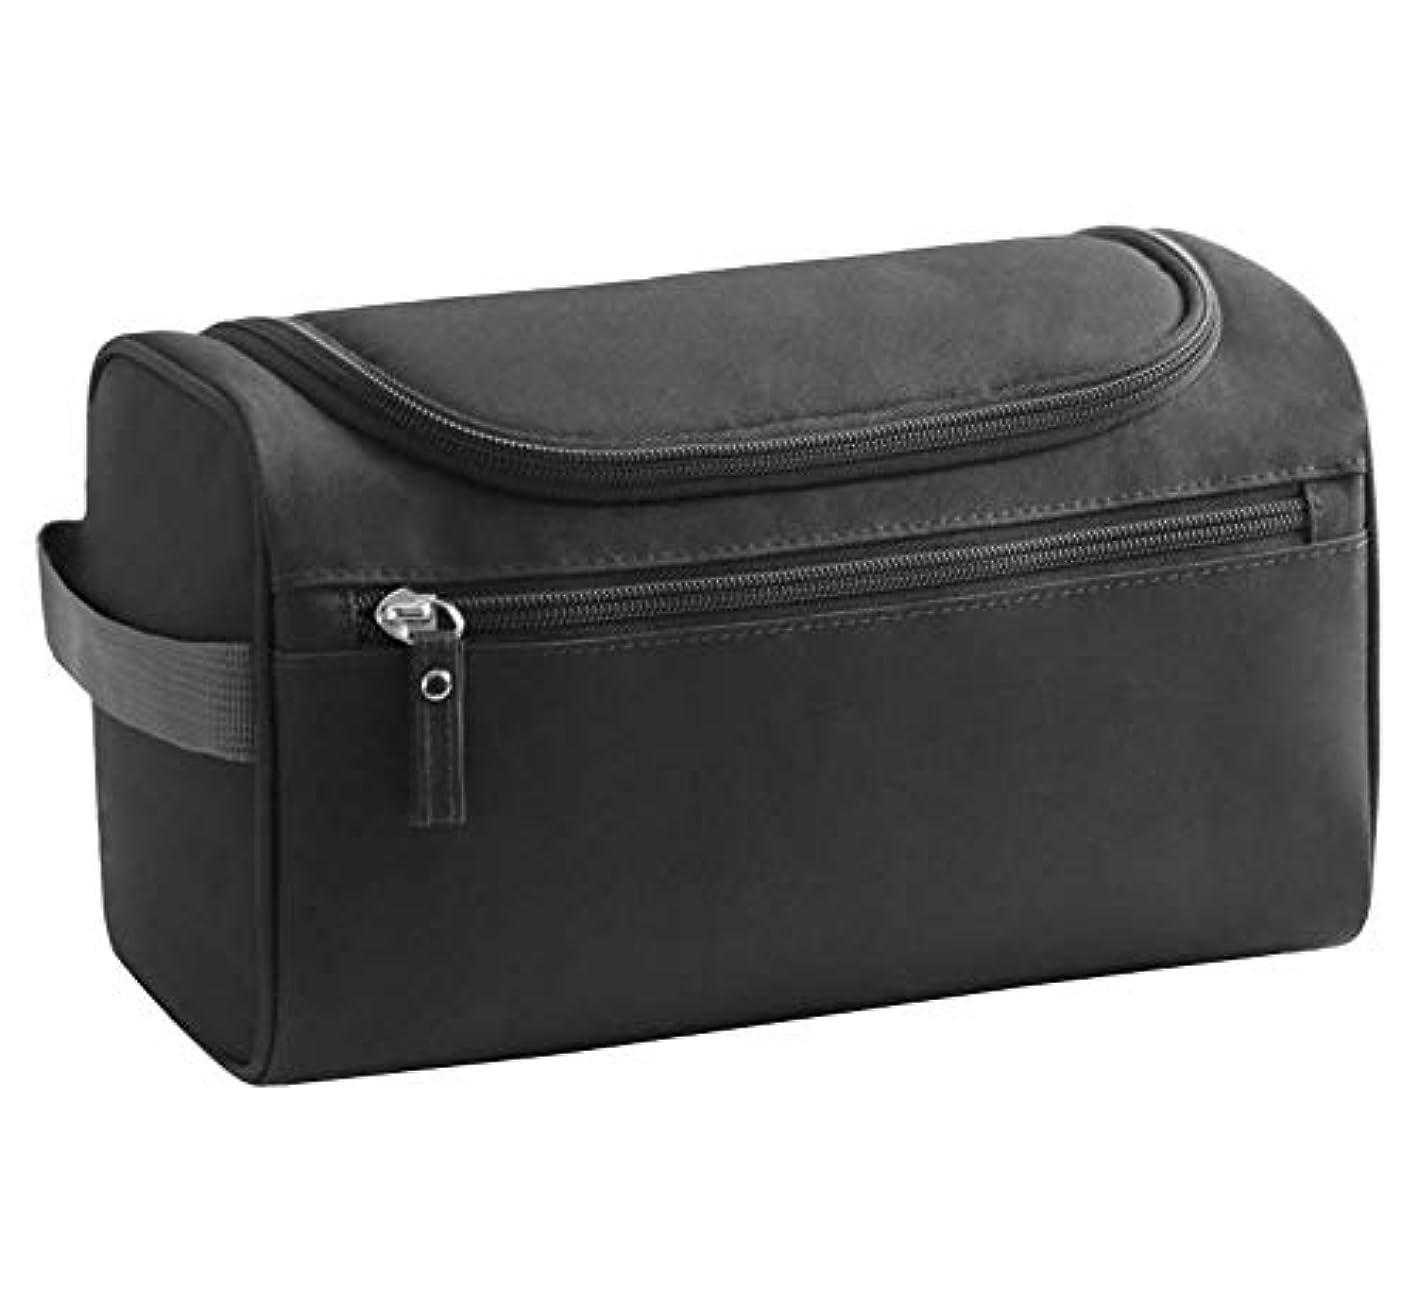 ほこりっぽいバスケットボール地下鉄1個男性と女性のためのトイレタリーバッグをぶら下げ大容量トラベルコスメティックバッグ、黒